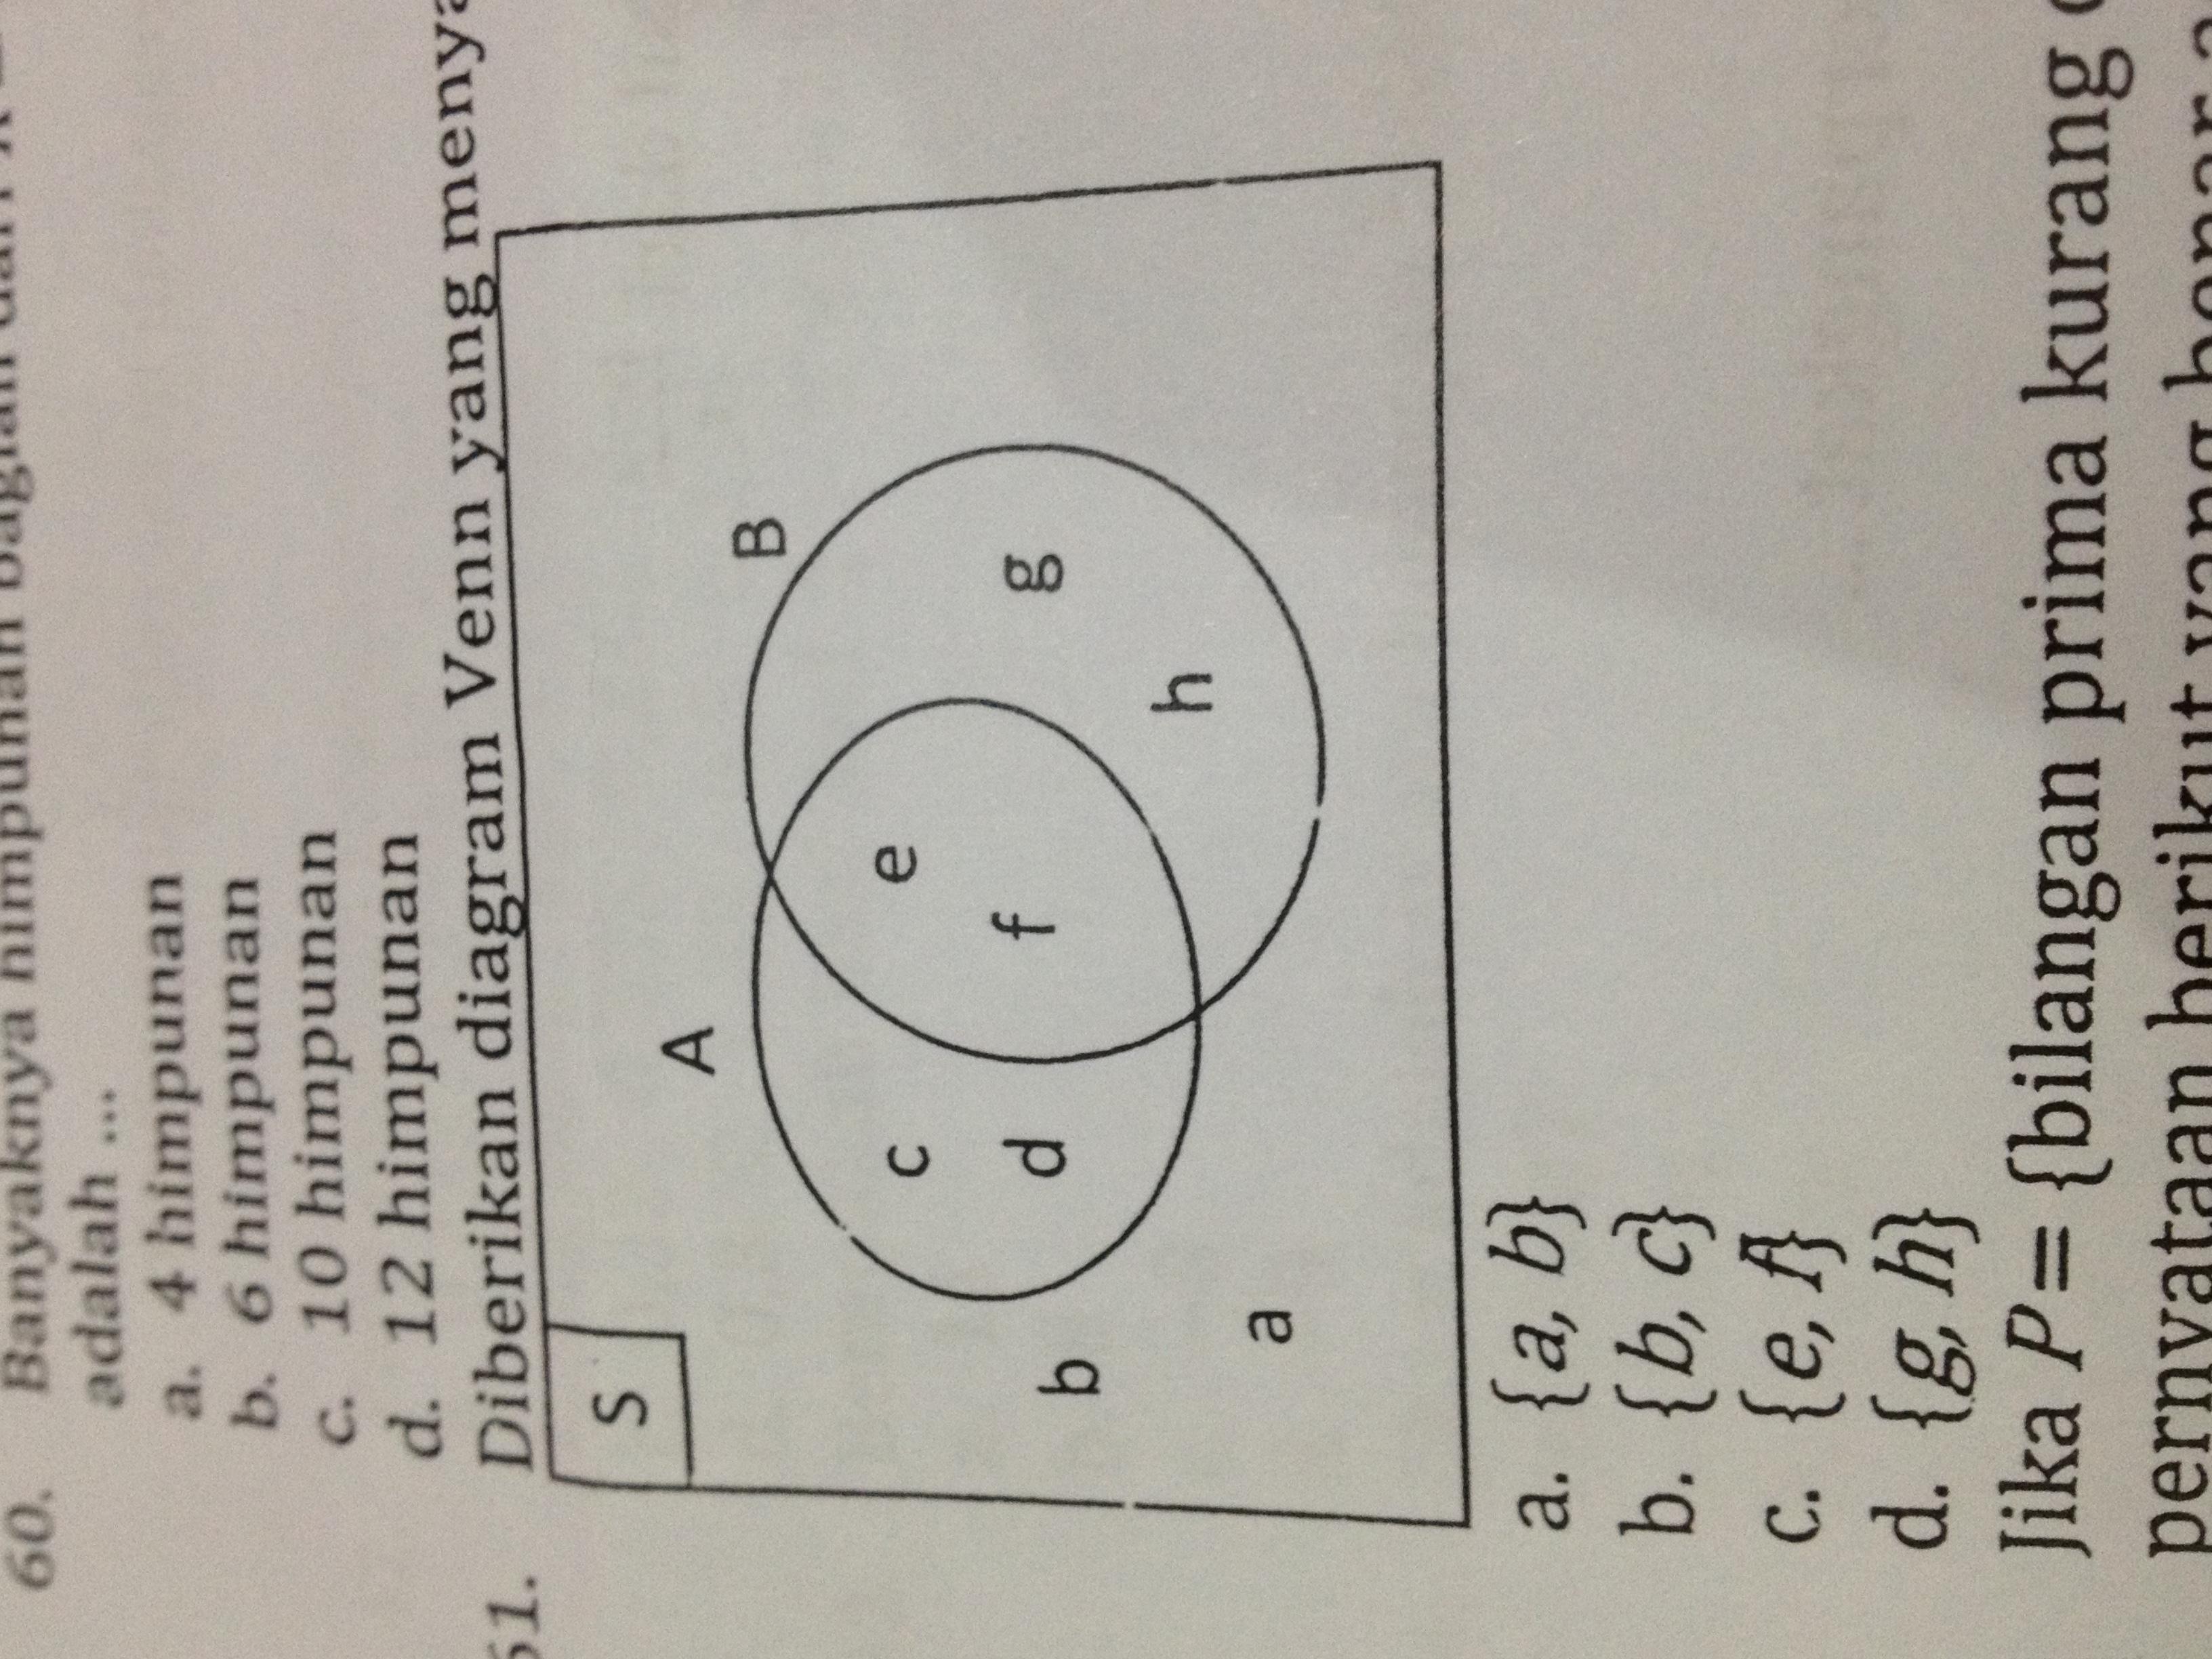 Kumpulan Contoh Soal  Contoh Soal Diagram Venn Brainly